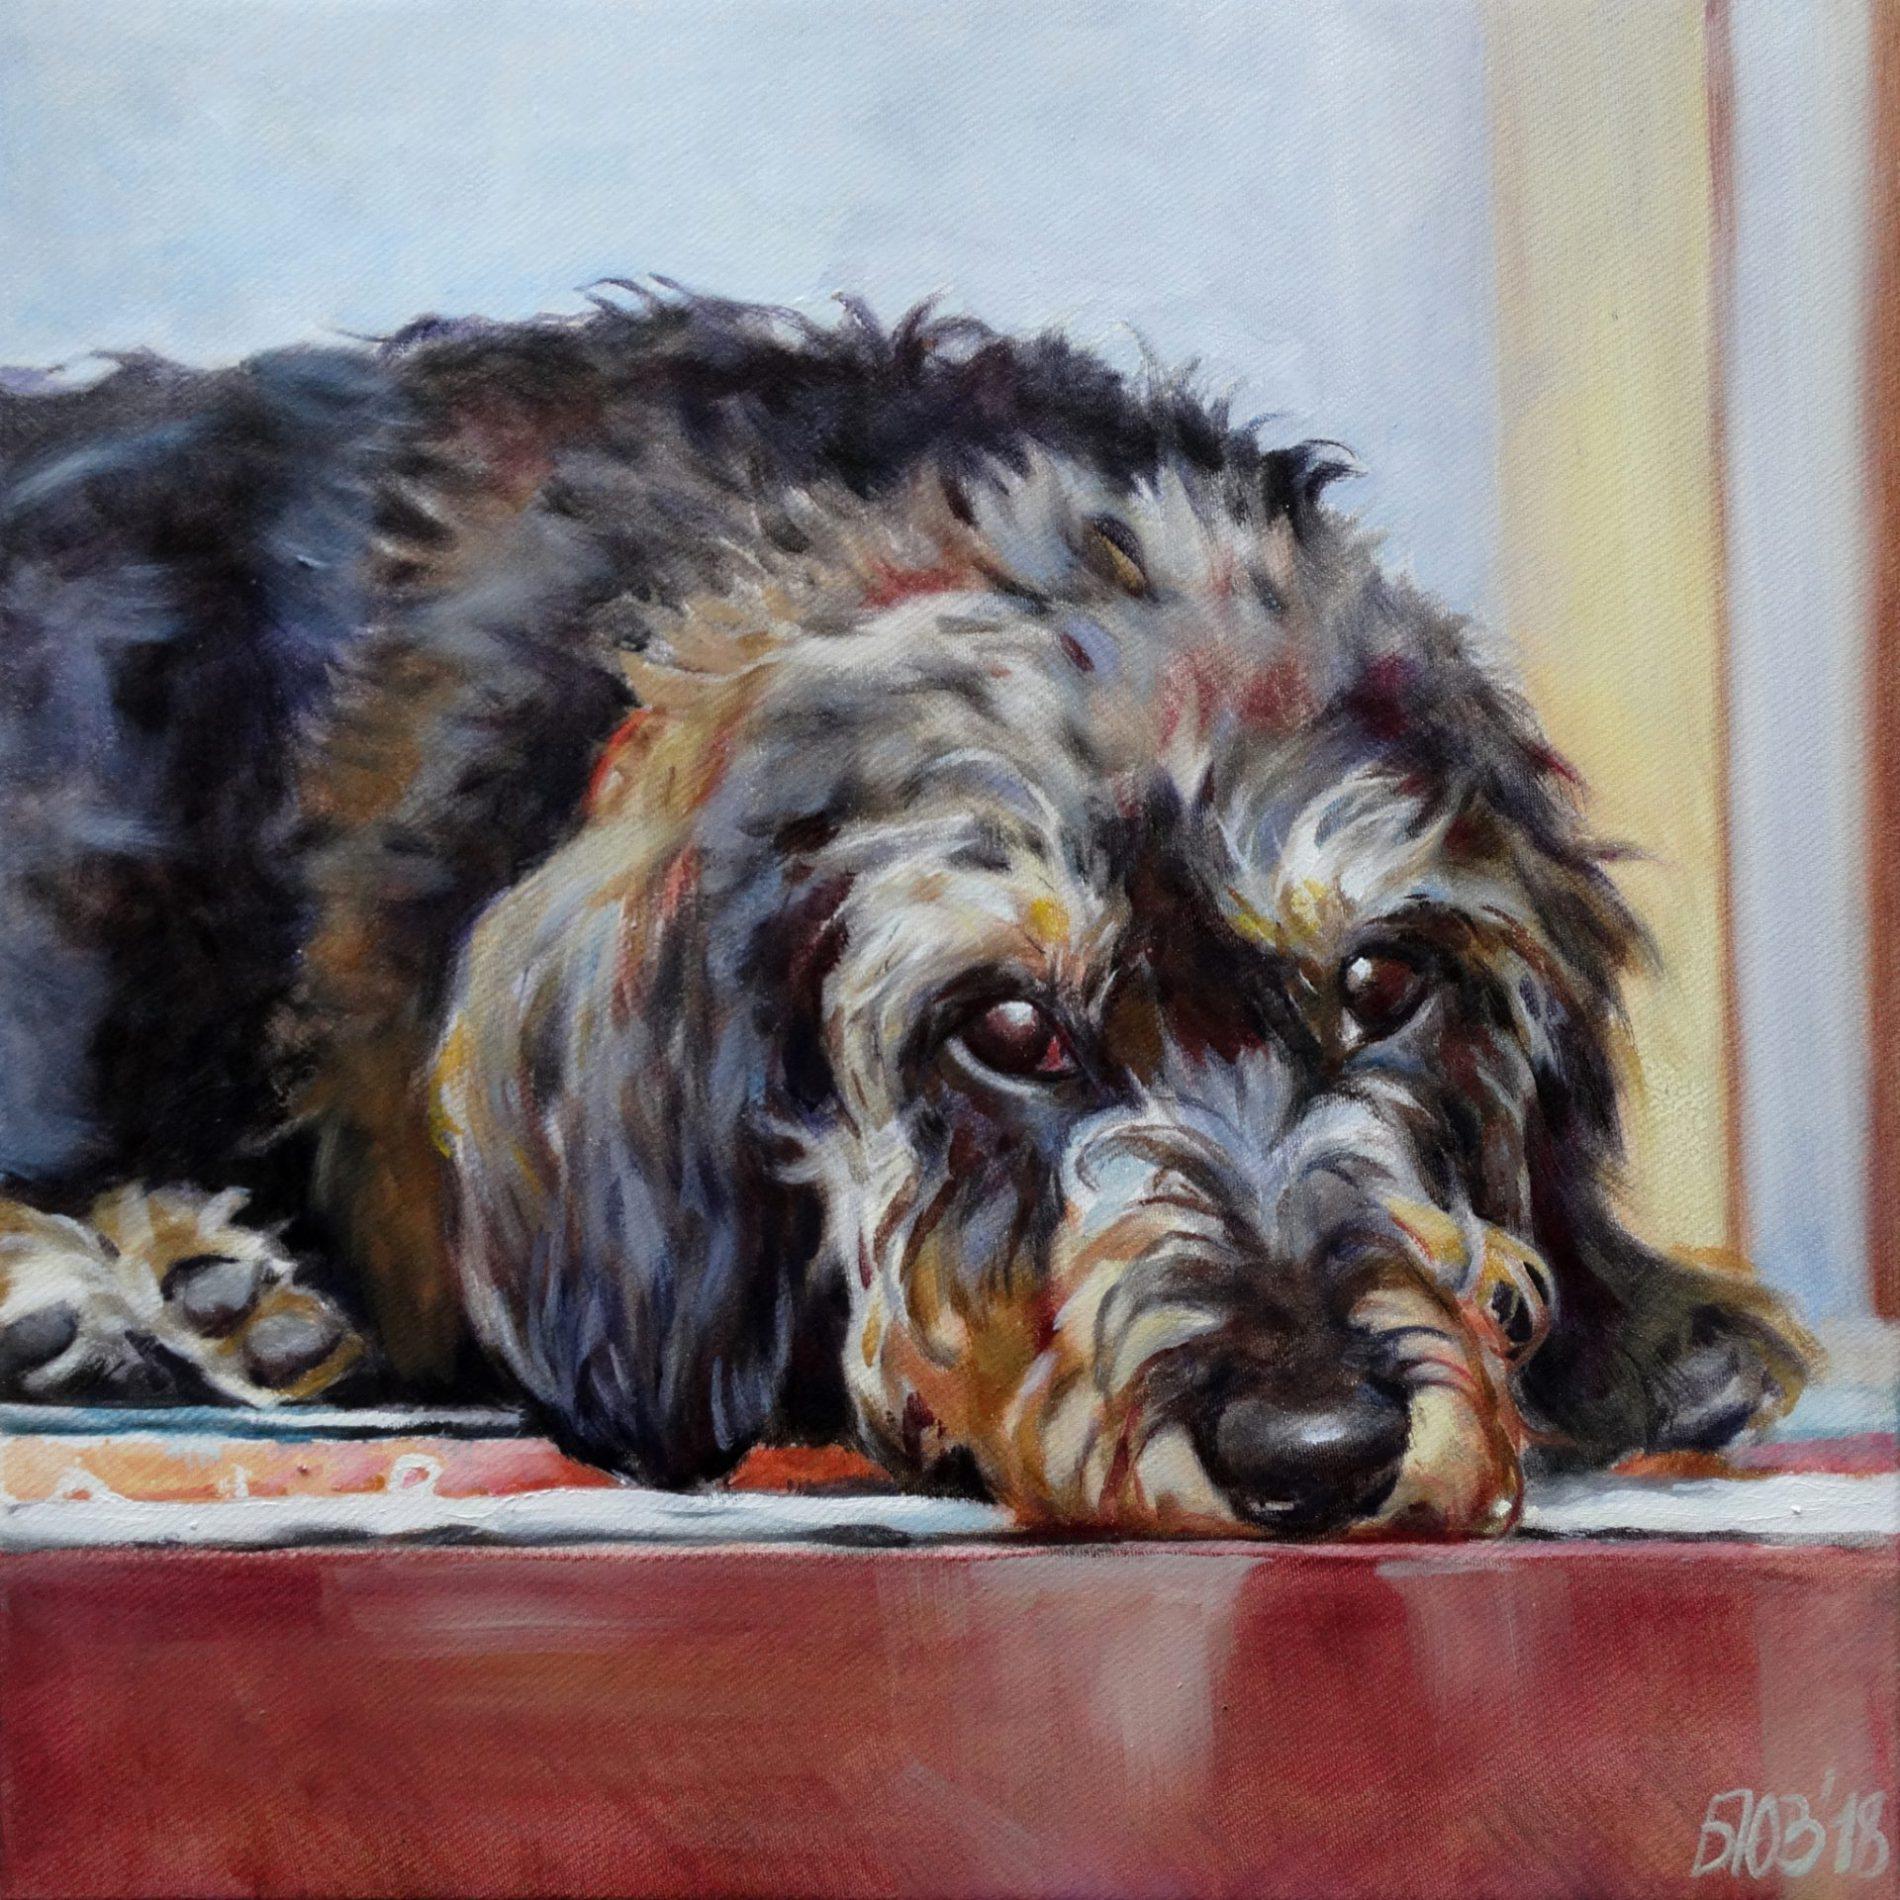 Gemälde von Julia Belot: Tierportrait, Ricca, Öl auf Leinwand, 40 cm x 40 cm, 2018